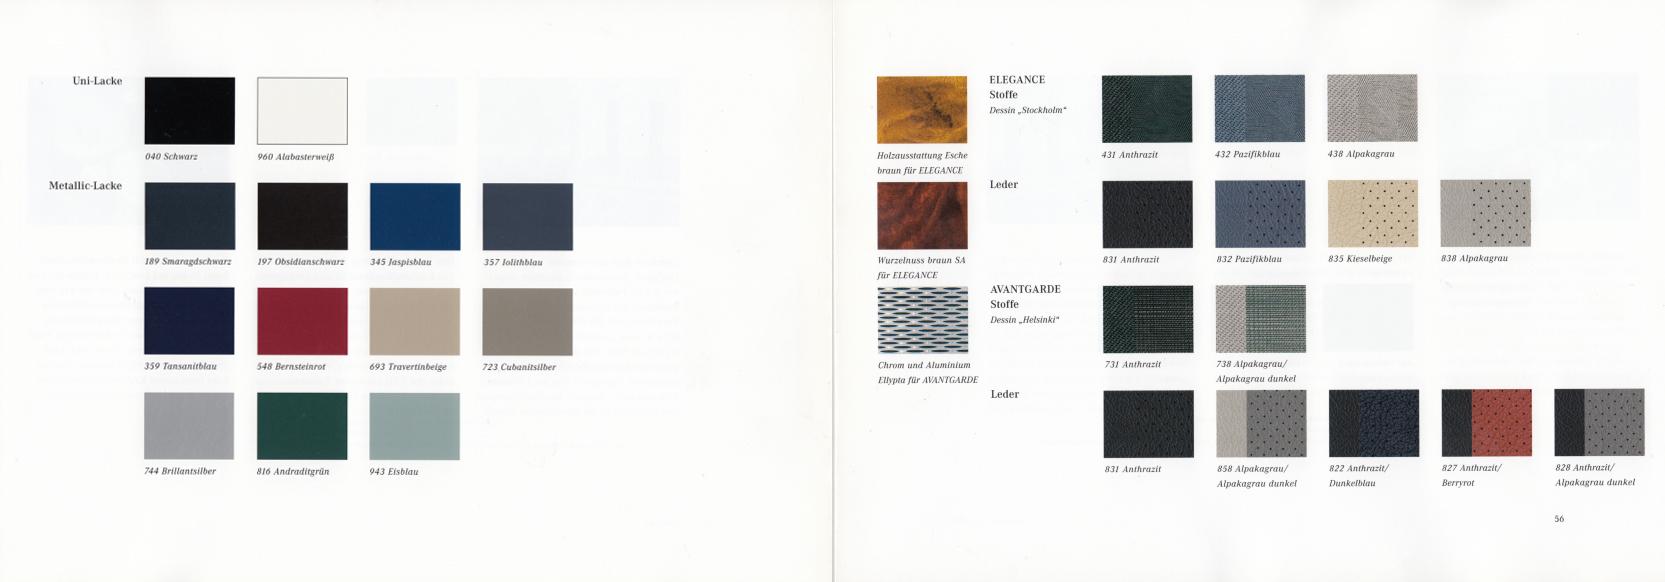 (C209): Catálogo 2002 - alemão 029